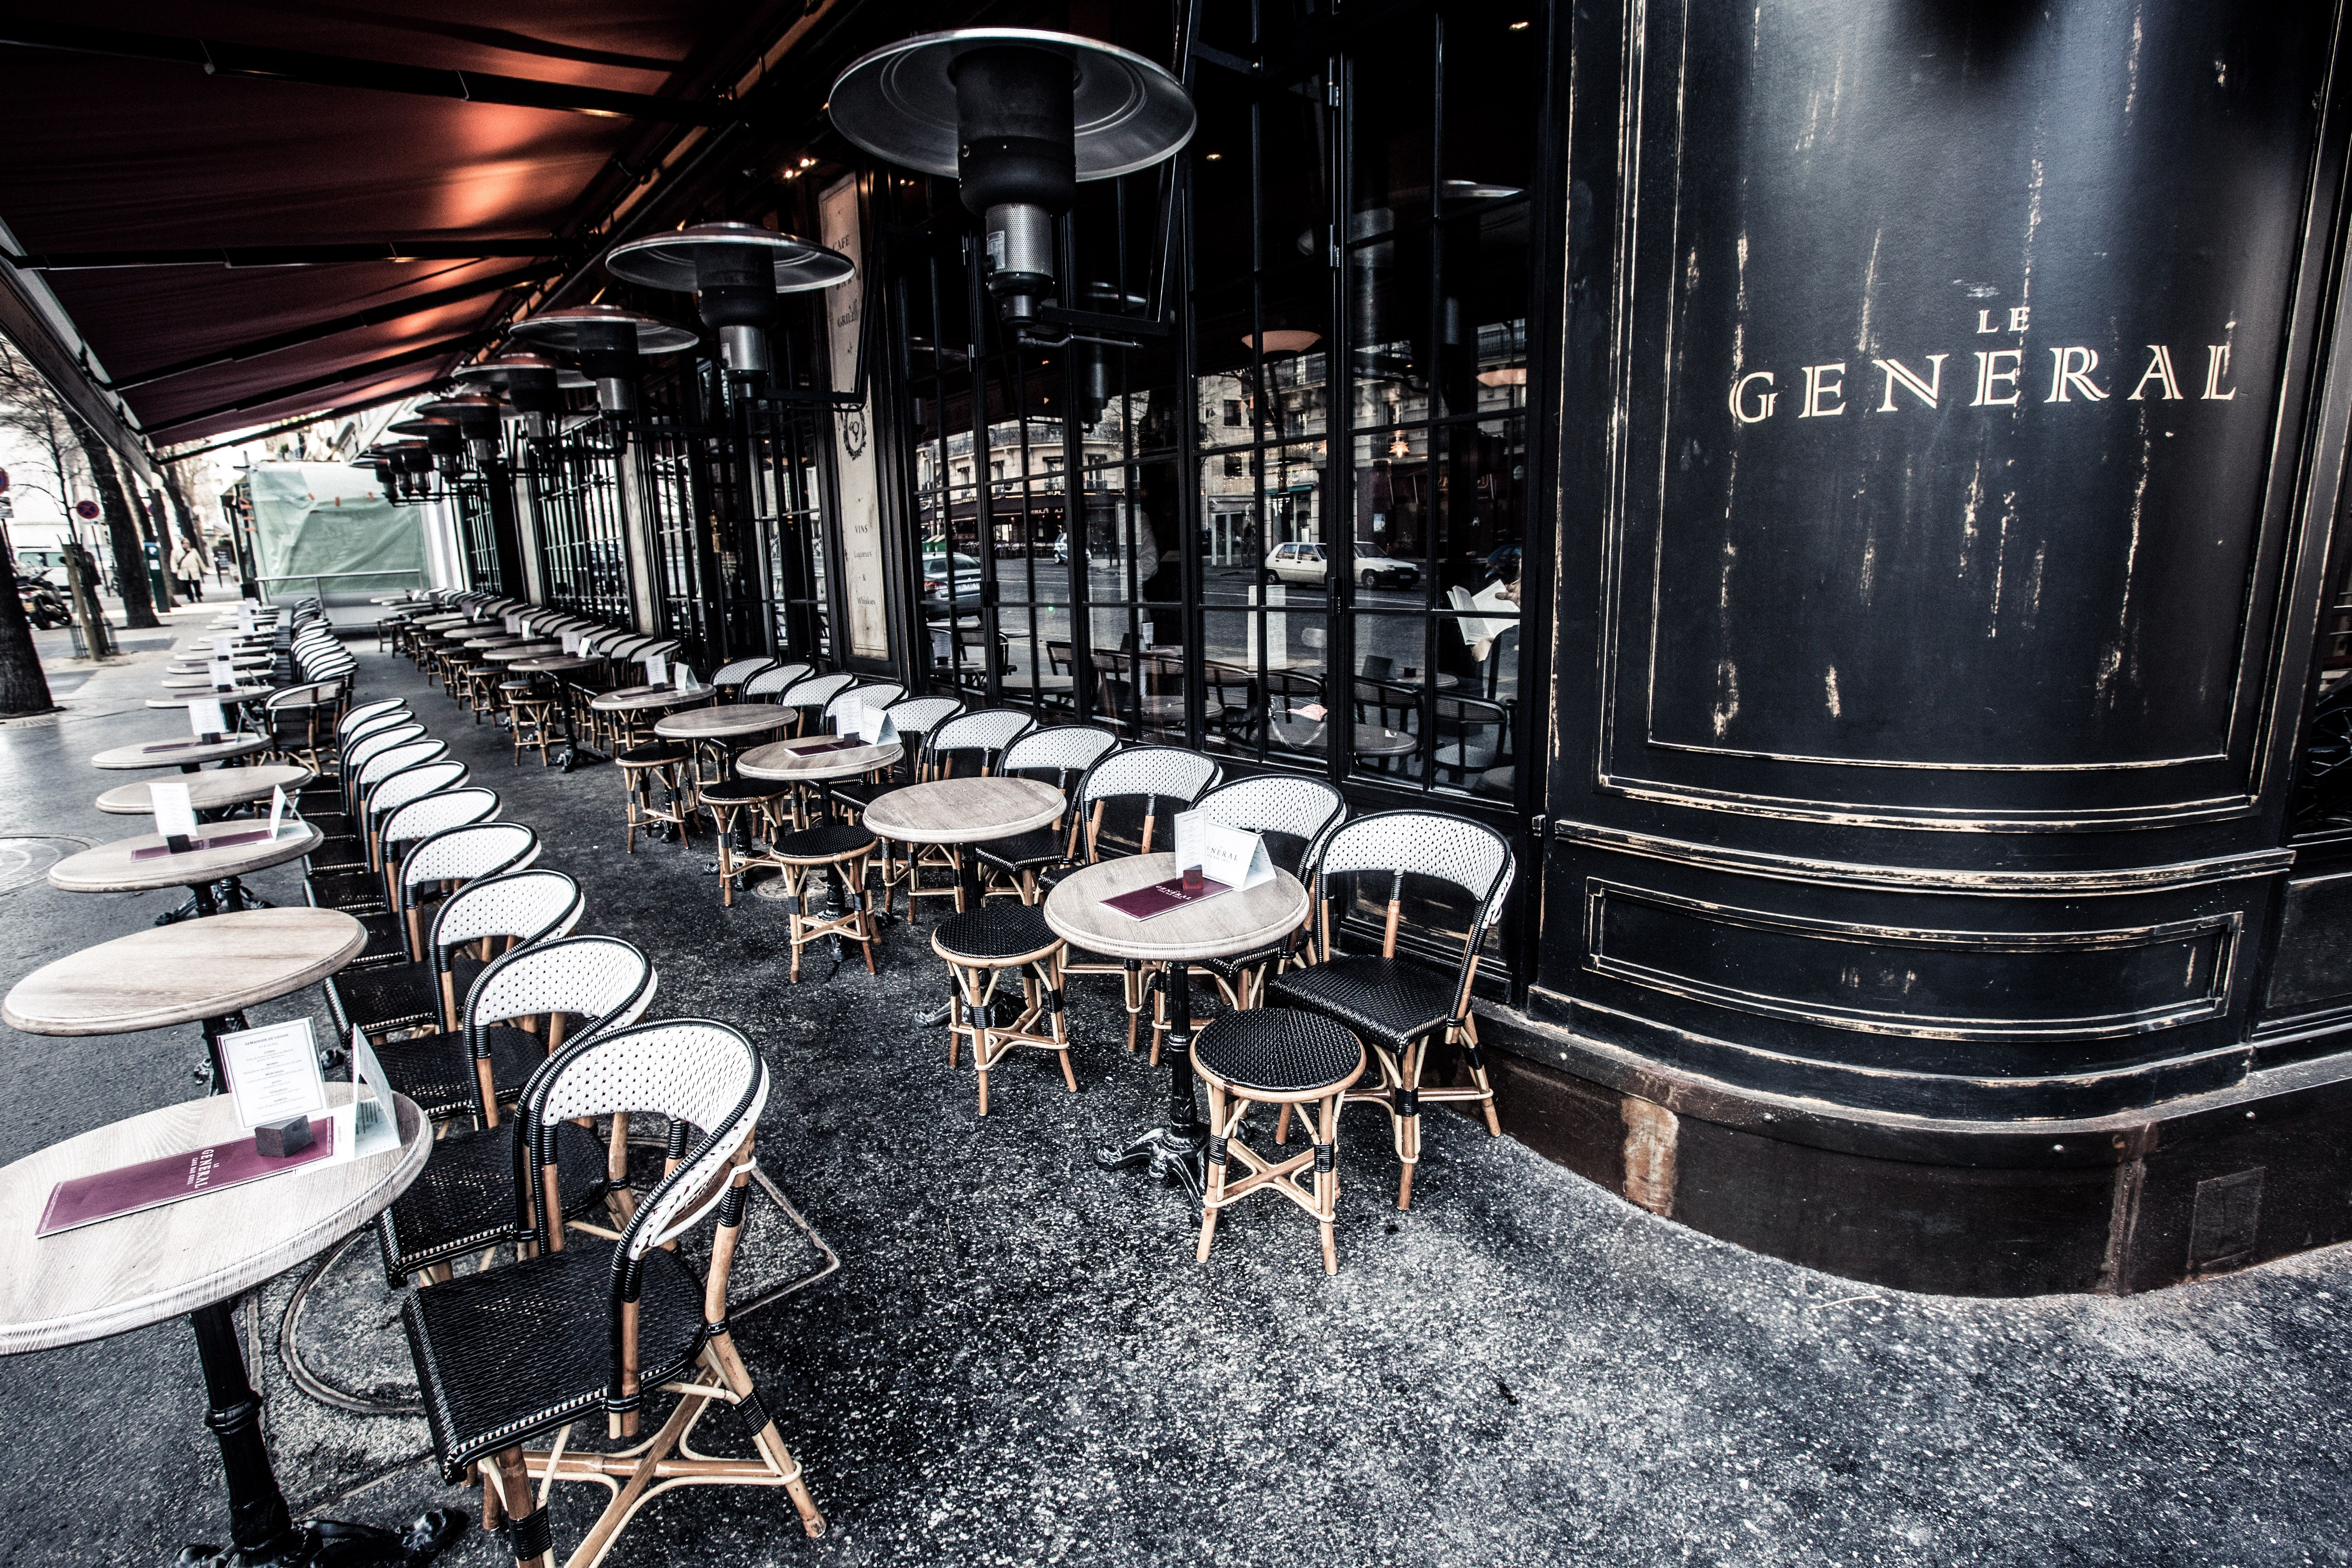 Exterieur Terrasse Le General Paris Bar Grill Cafe